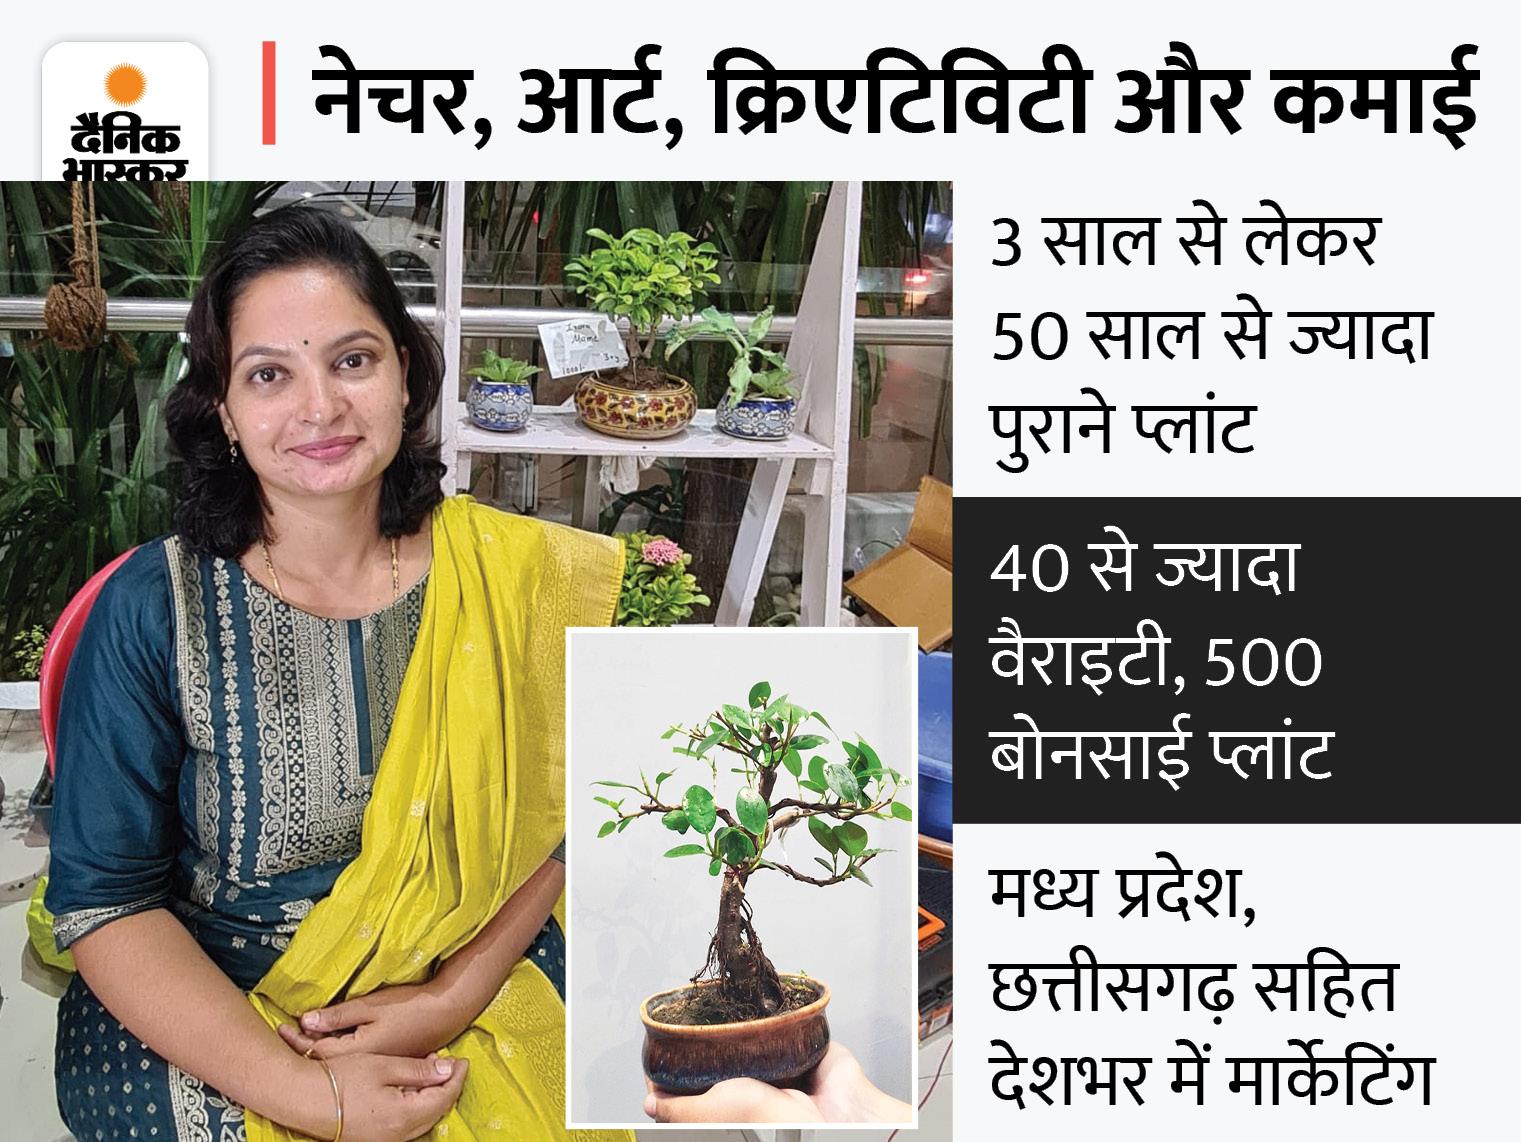 रायपुर की पूर्णिमा ने 3 साल पहले बोनसाई प्लांट का स्टार्टअप शुरू किया, अब सालाना 7 लाख रु. का बिजनेस, देशभर में मार्केटिंग|DB ओरिजिनल,DB Original - Dainik Bhaskar